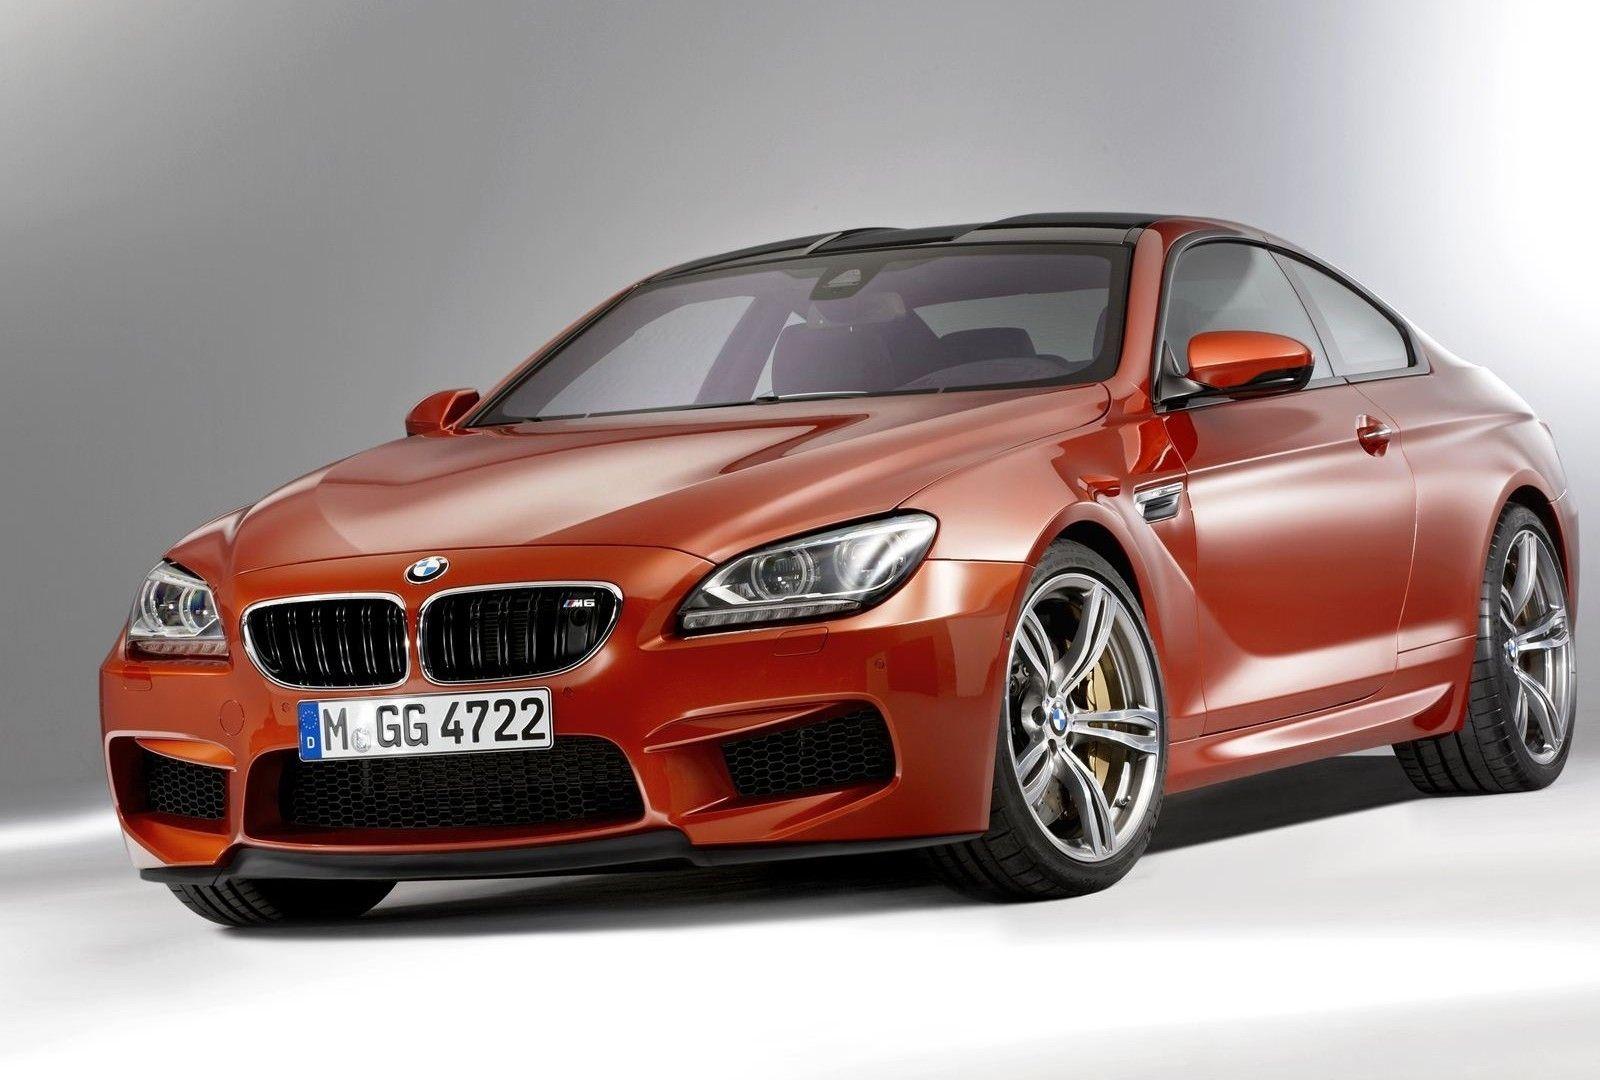 2016 BMW M6 GT3 Free Desktop Wallpaper | Новости